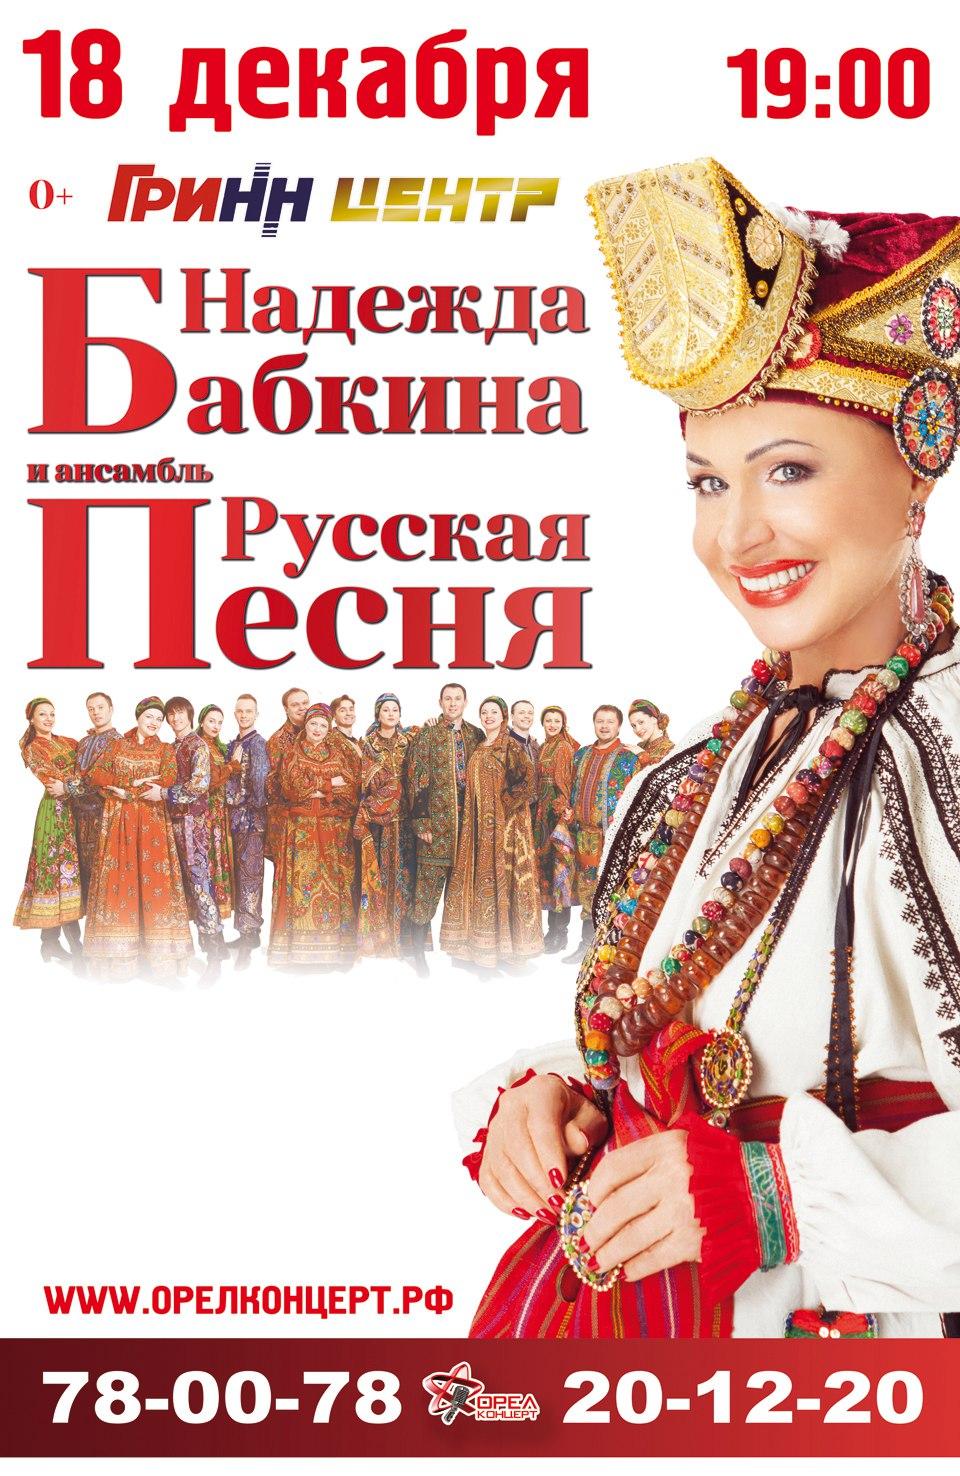 Надежда Бабкина и ансамбль «Русская песня»